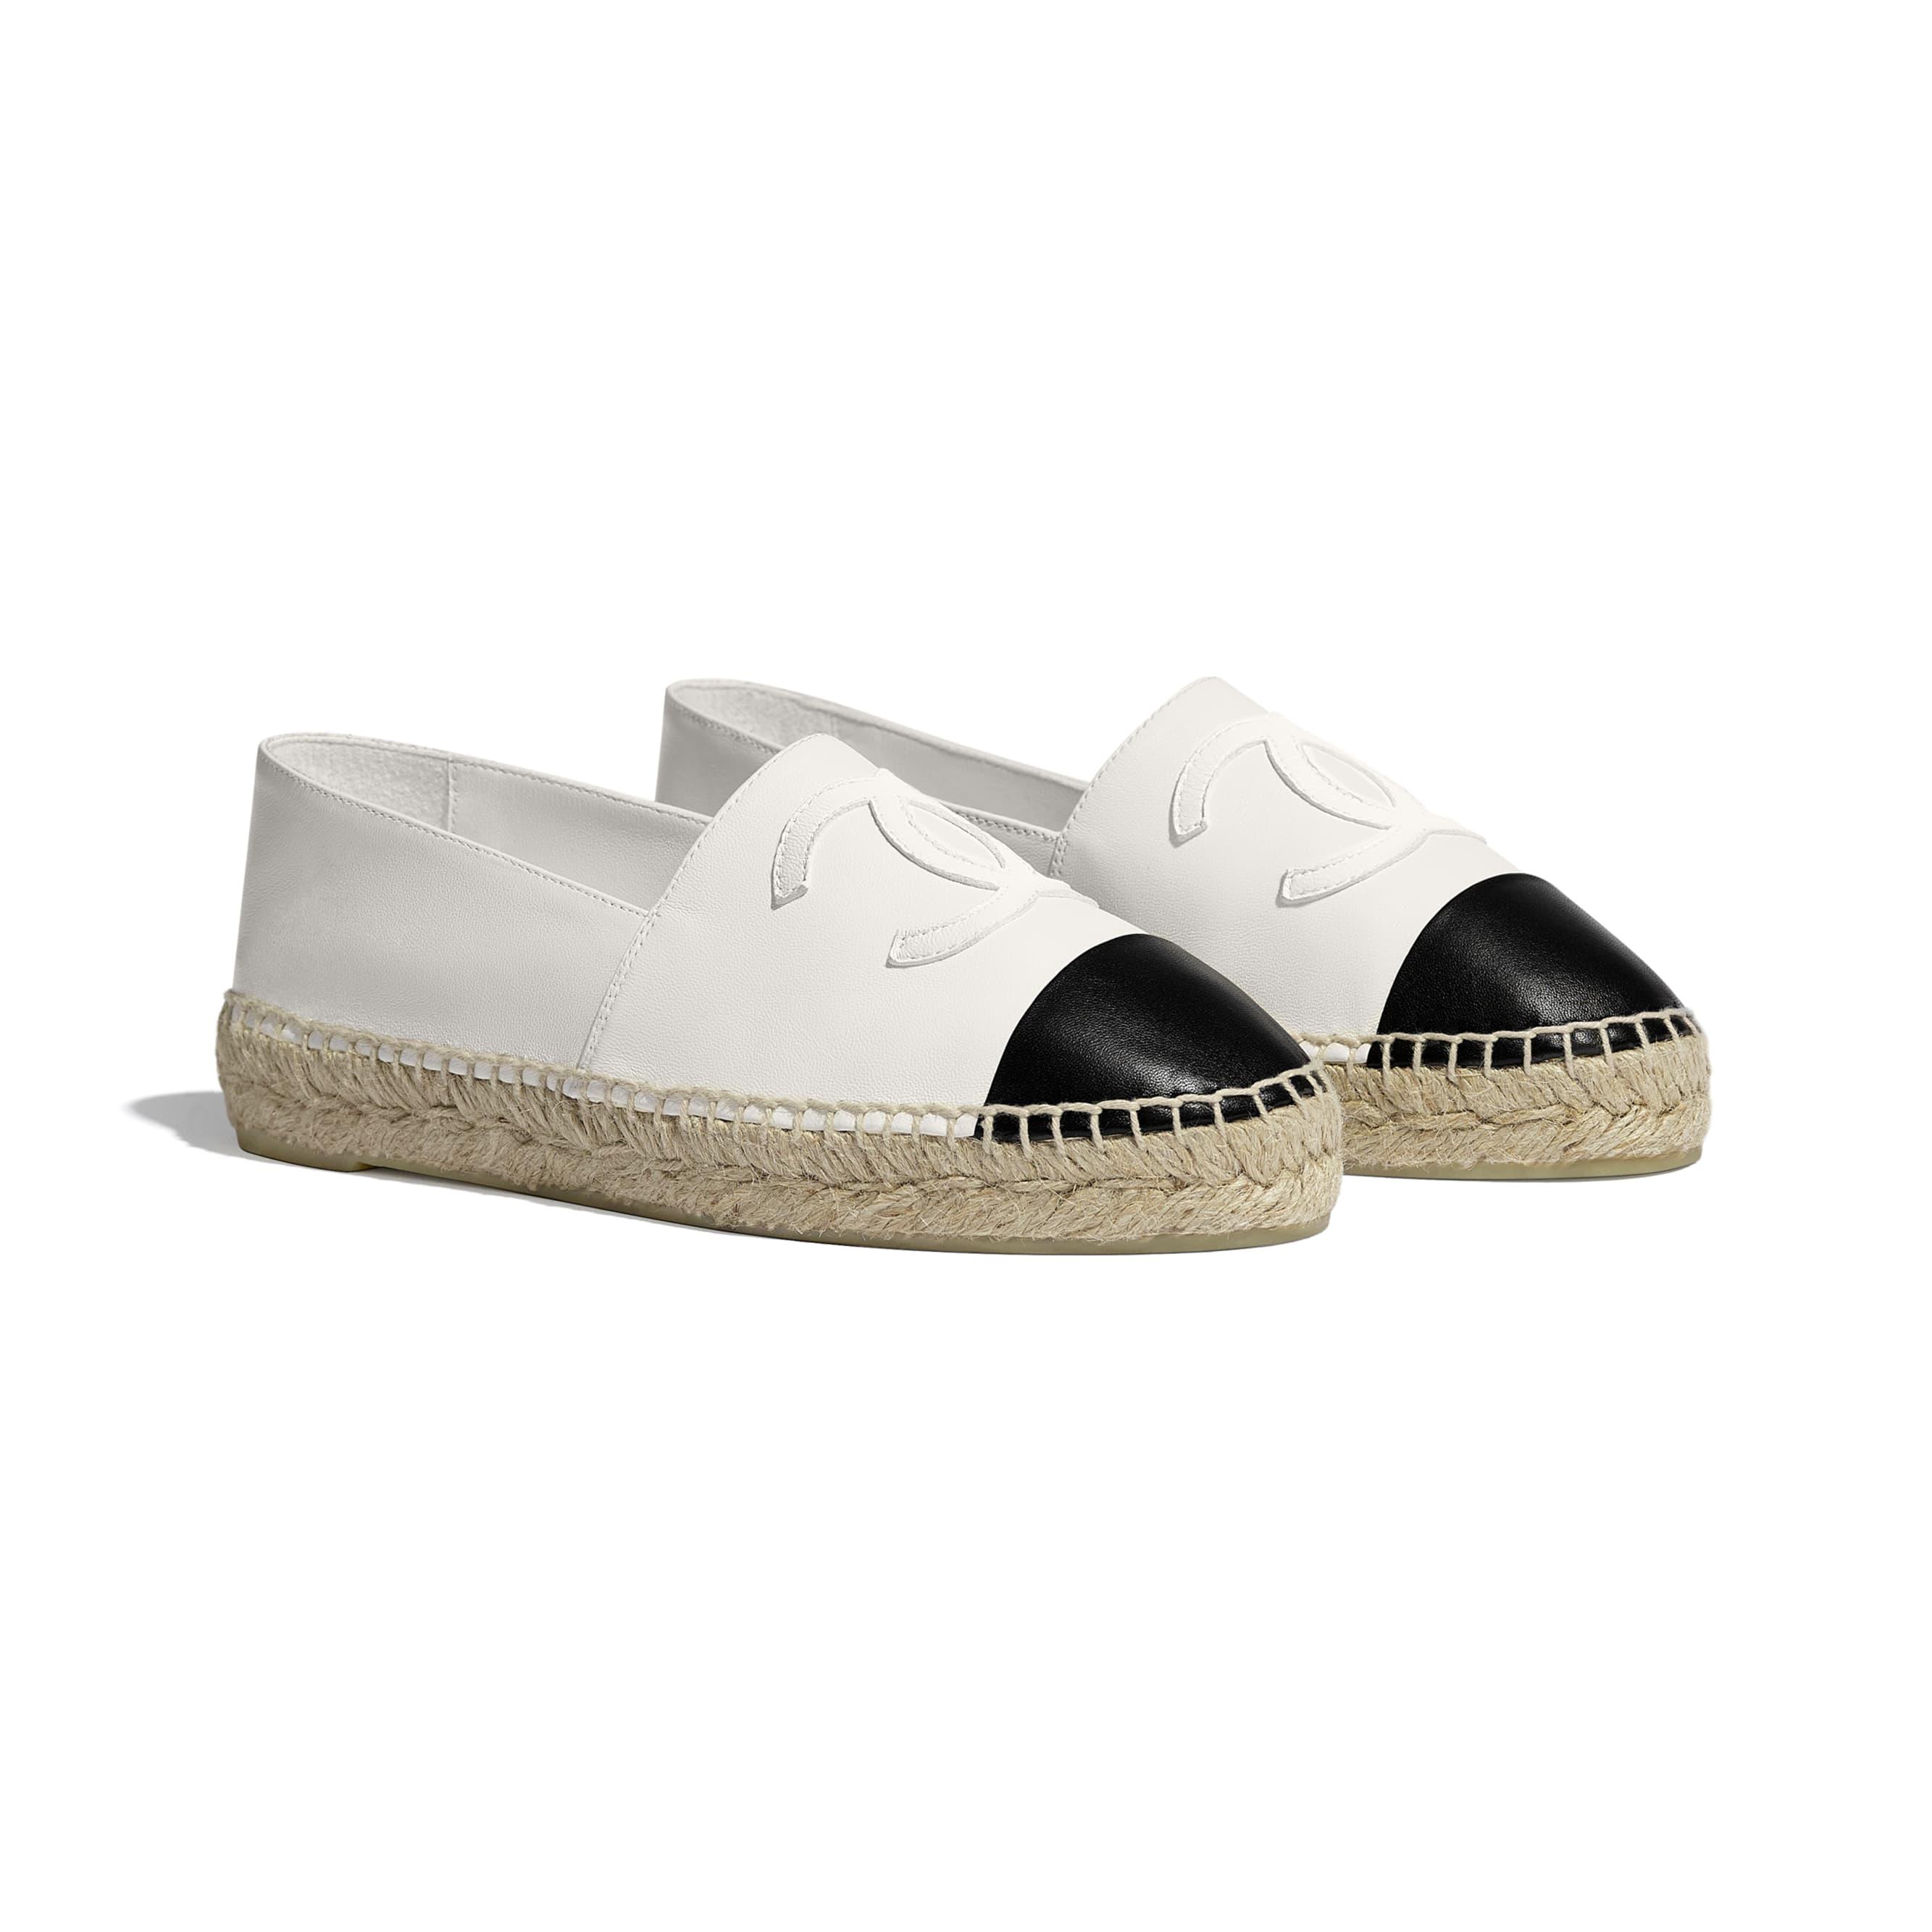 Espadryle - Kolor biały i czarny - Skóra jagnięca - CHANEL - Widok alternatywny – zobacz w standardowym rozmiarze